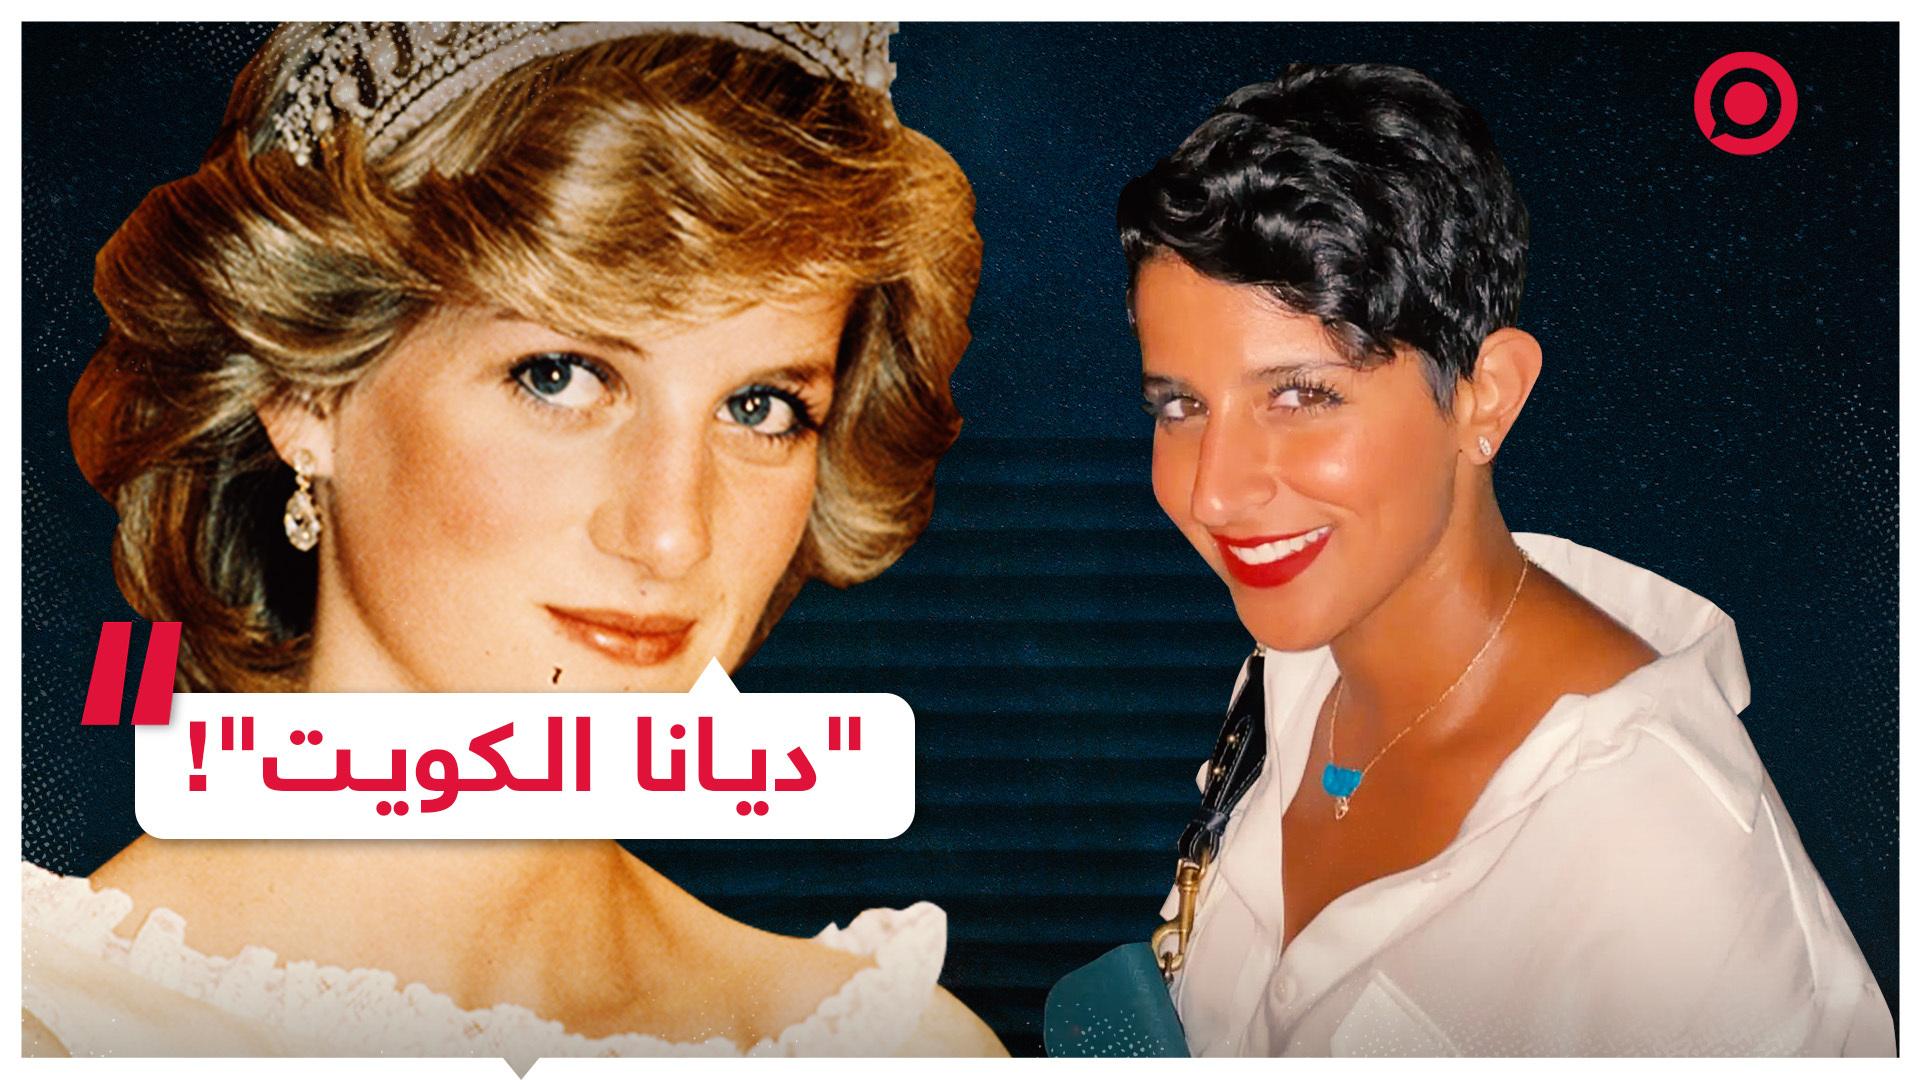 الكويت الليدي_ديانا نورة_العميري